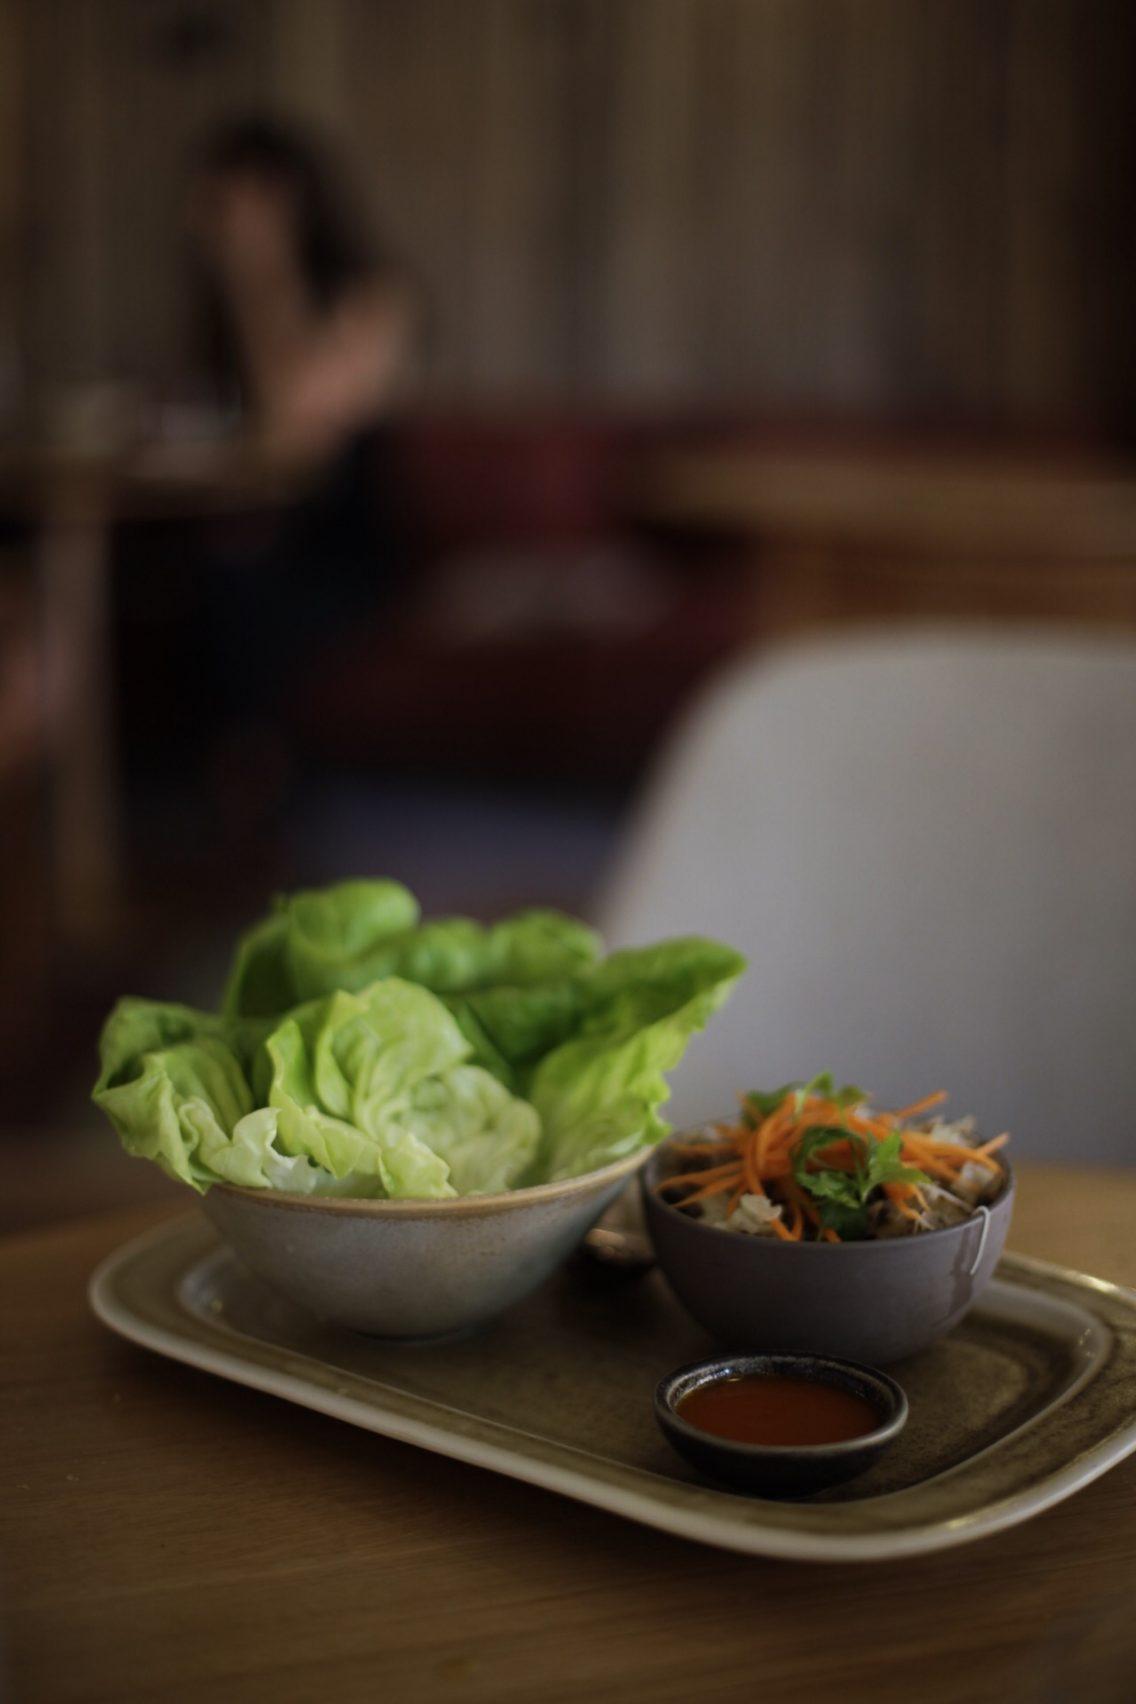 San choy bao. Hojas de lechuga con salteado de tofu, verduras y noodles con salsa coreana